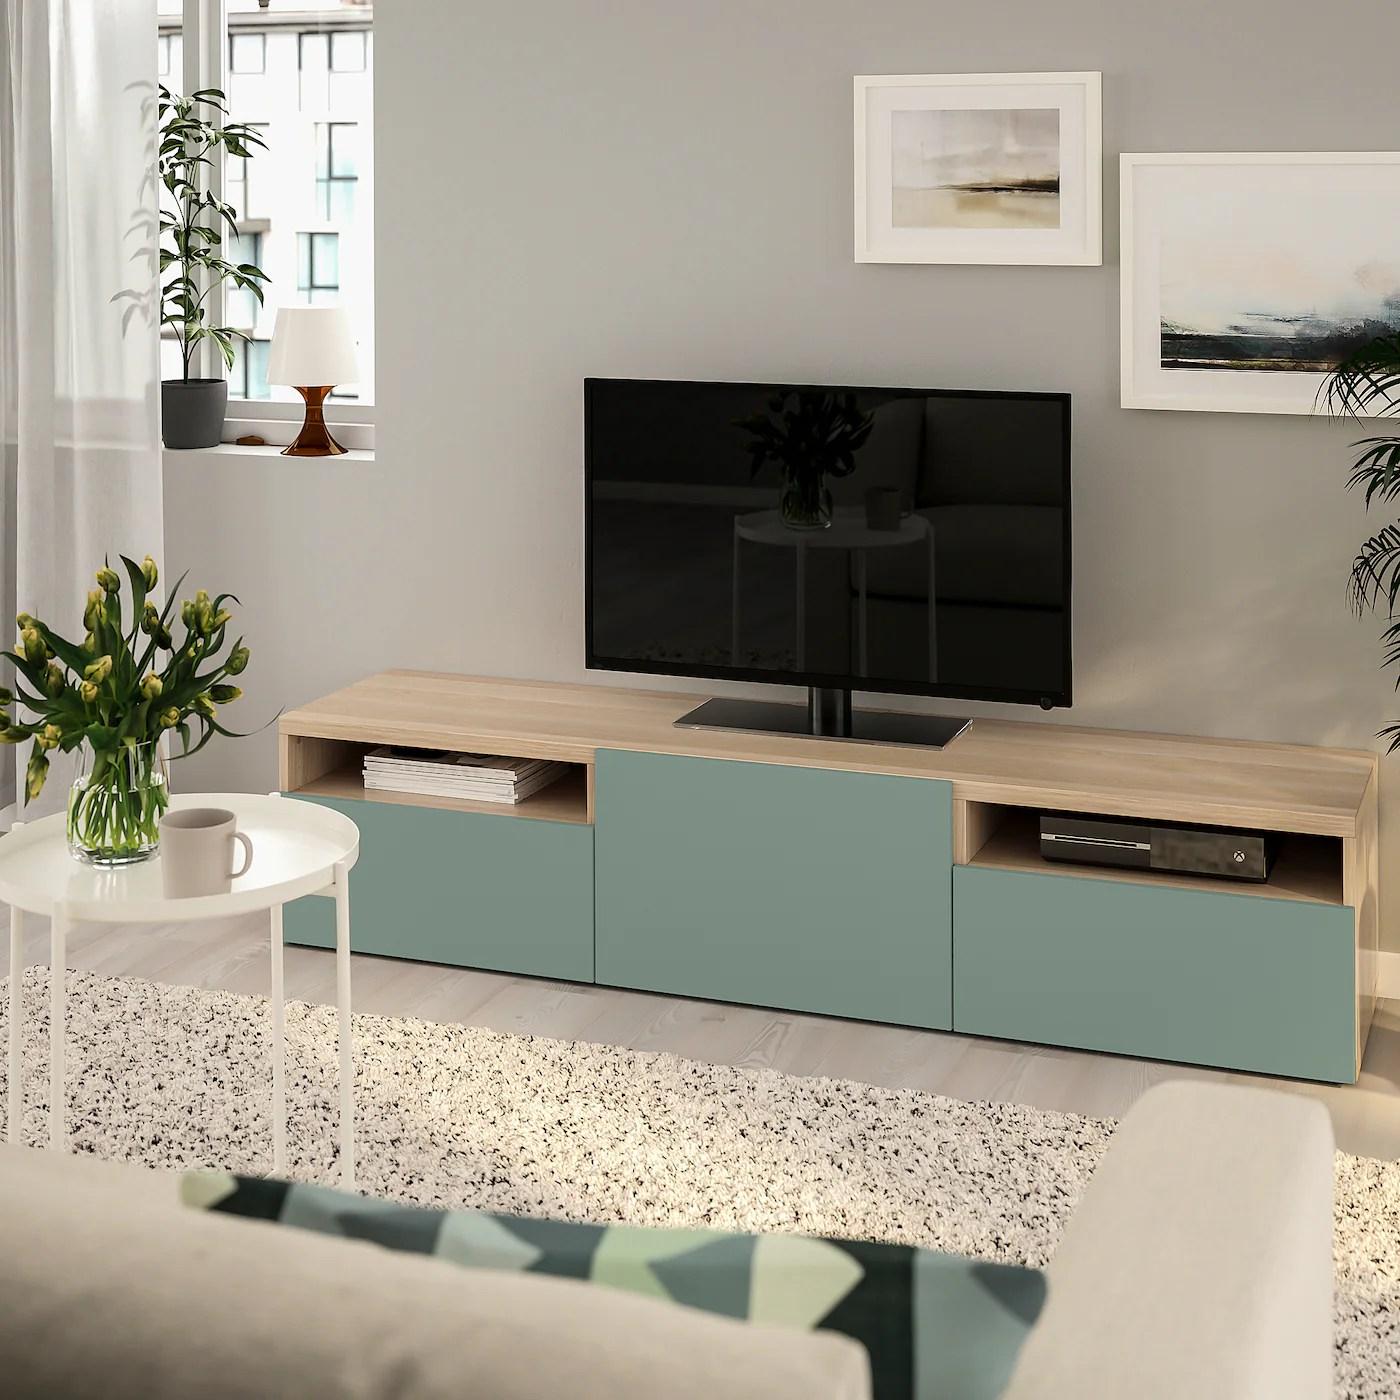 besta banc tv effet chene blanchi notviken gris vert 180x42x39 cm